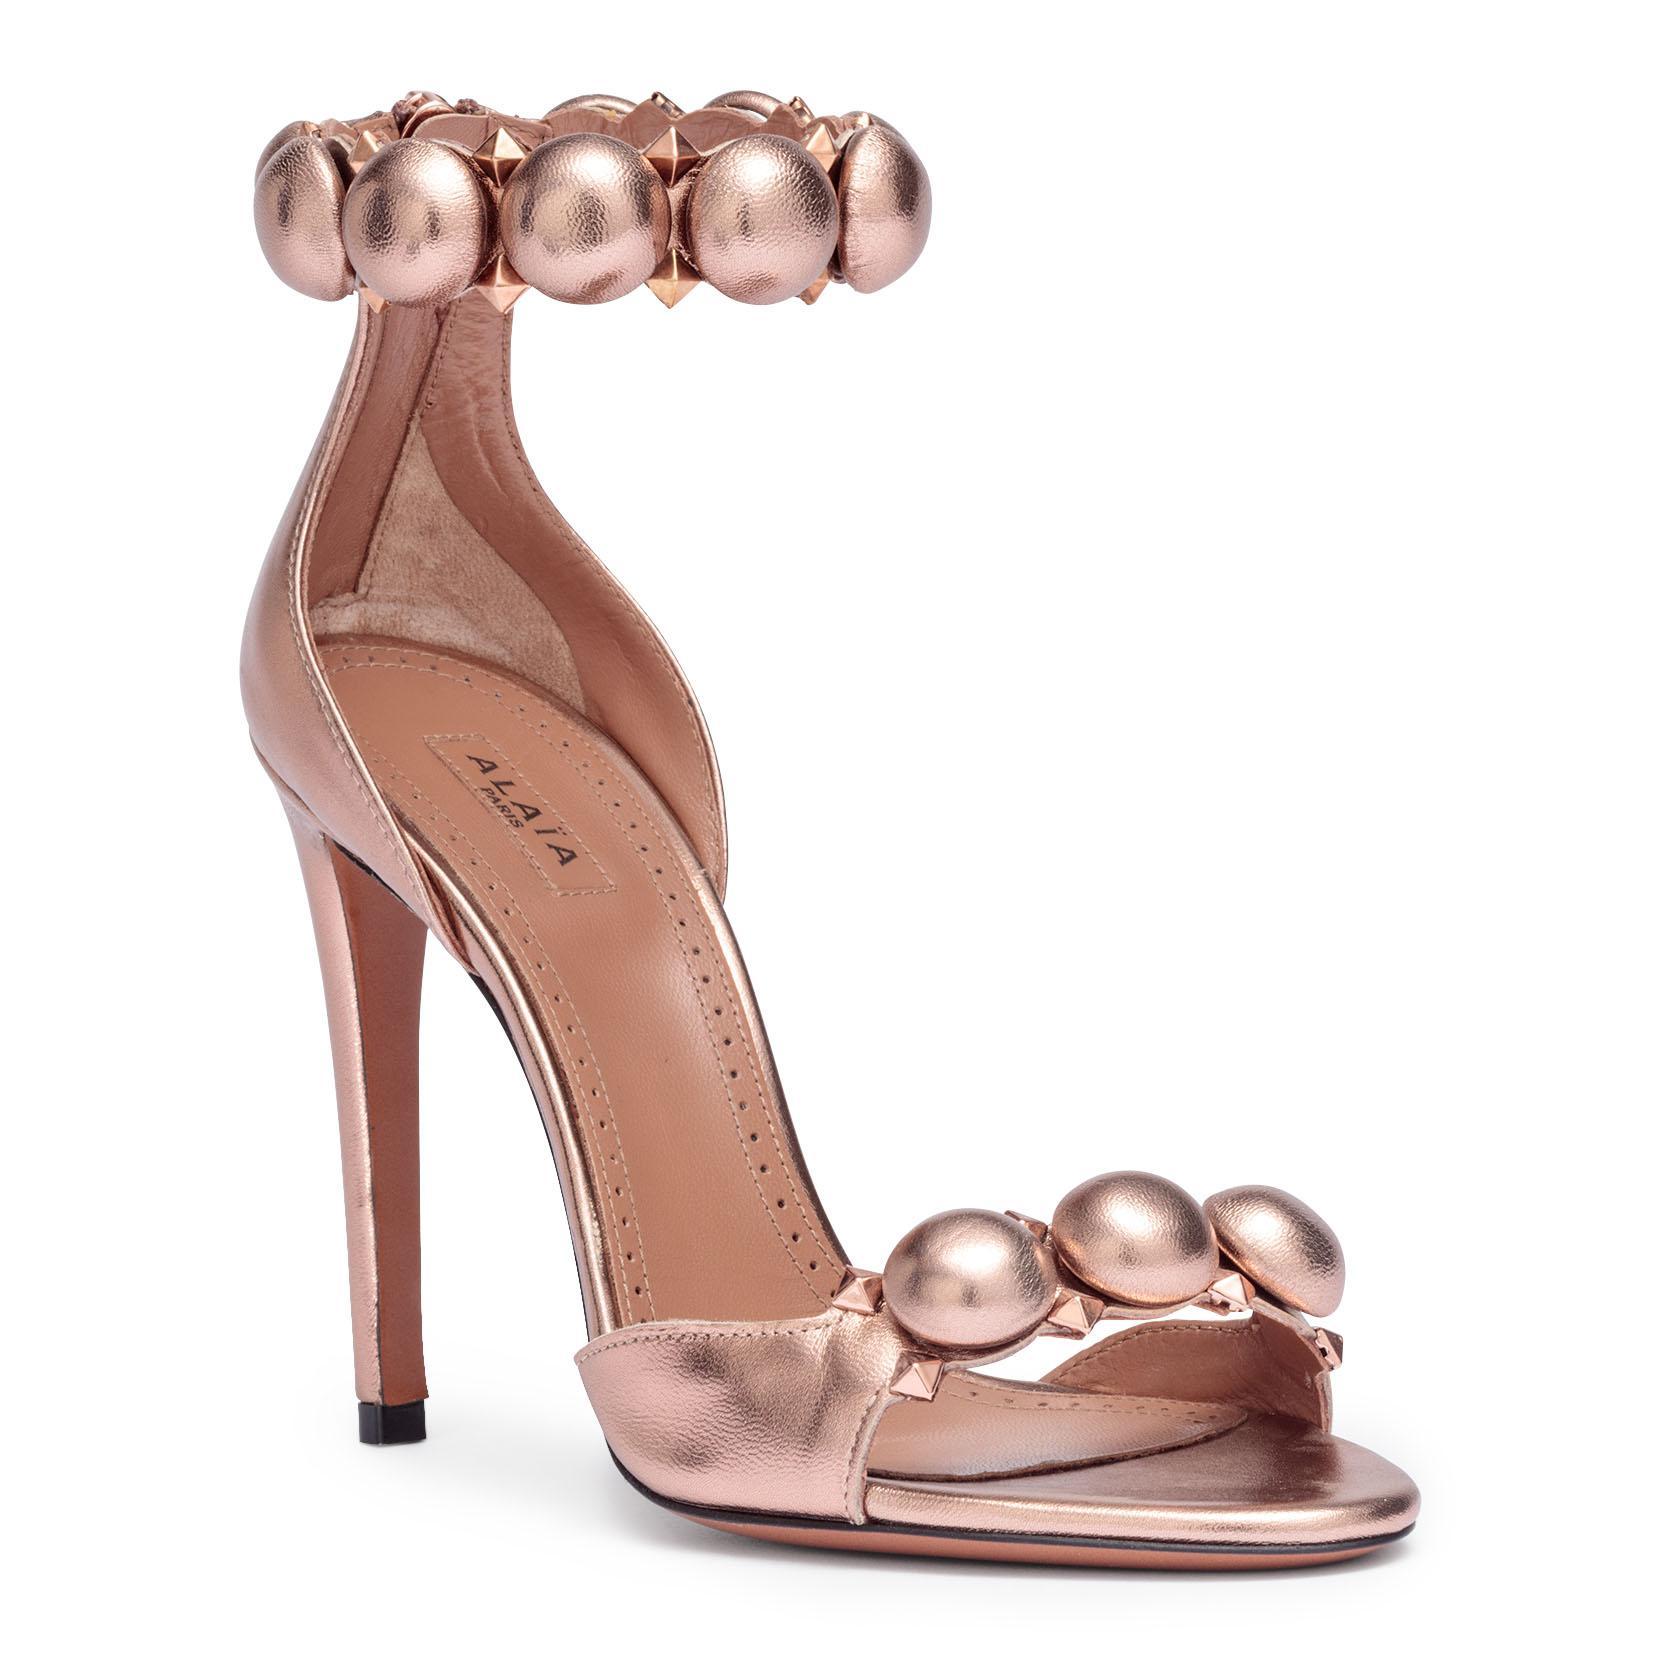 6928d4dcbc94f Lyst - Alaïa Satin T-strap Sandals